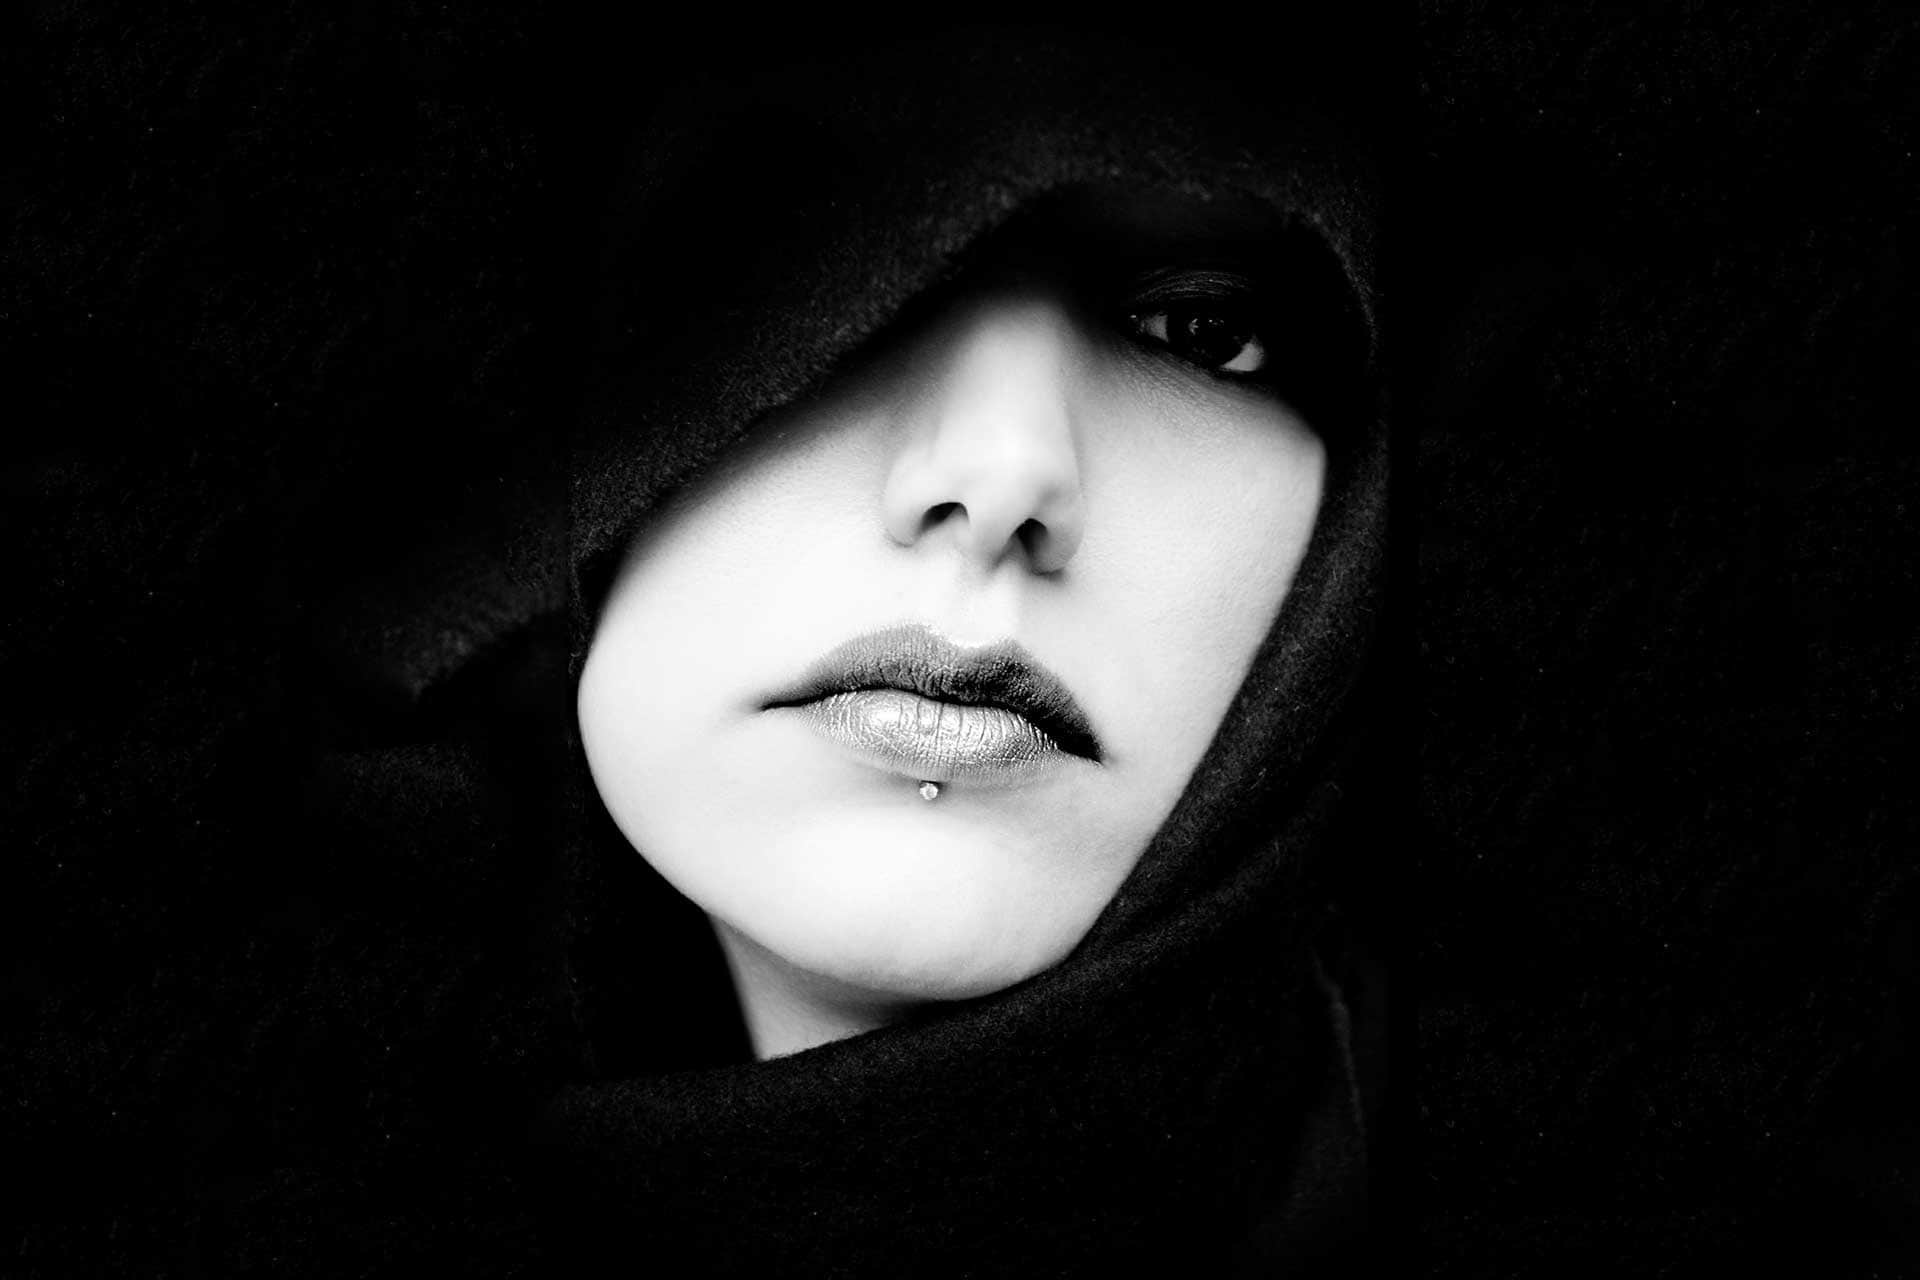 تفسير رؤية امرأة غريبة في المنام ورؤية المرأة العارية زيادة